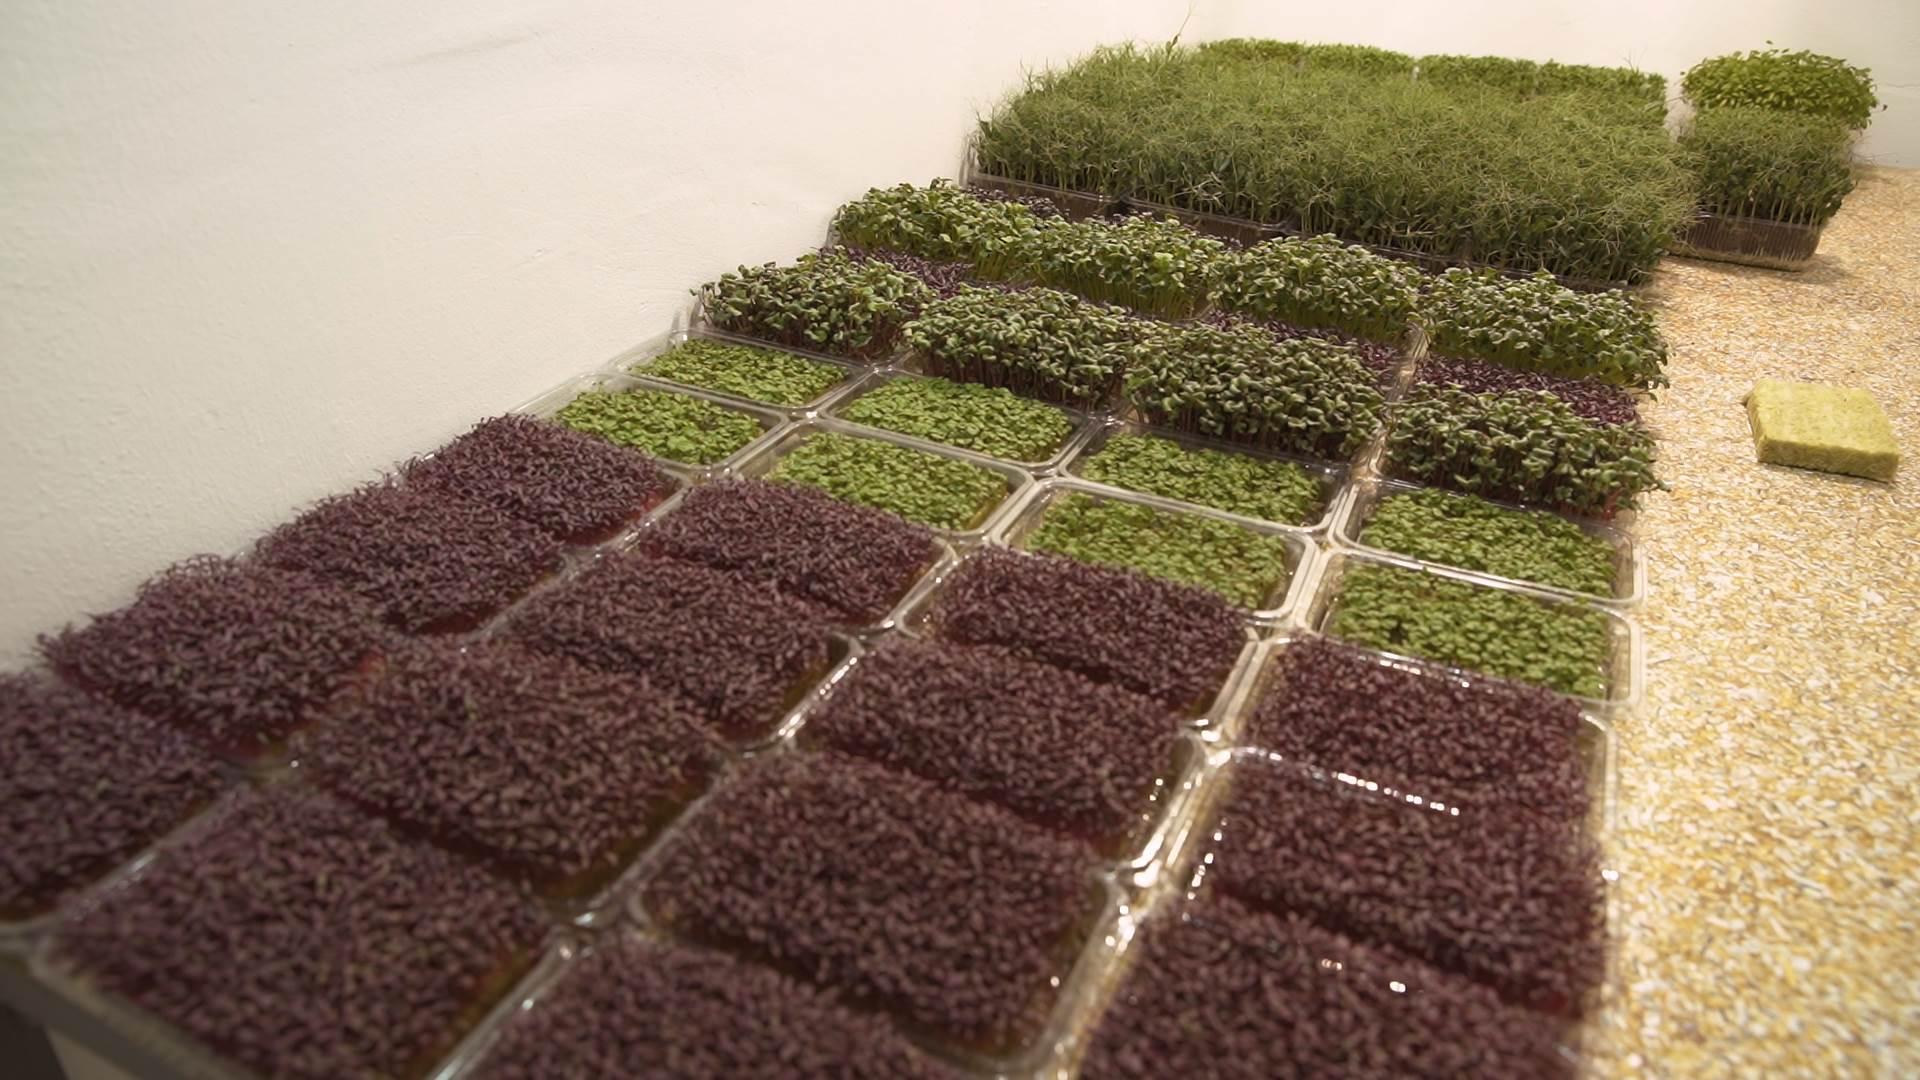 mikro bilje, biljke, bilje, začini